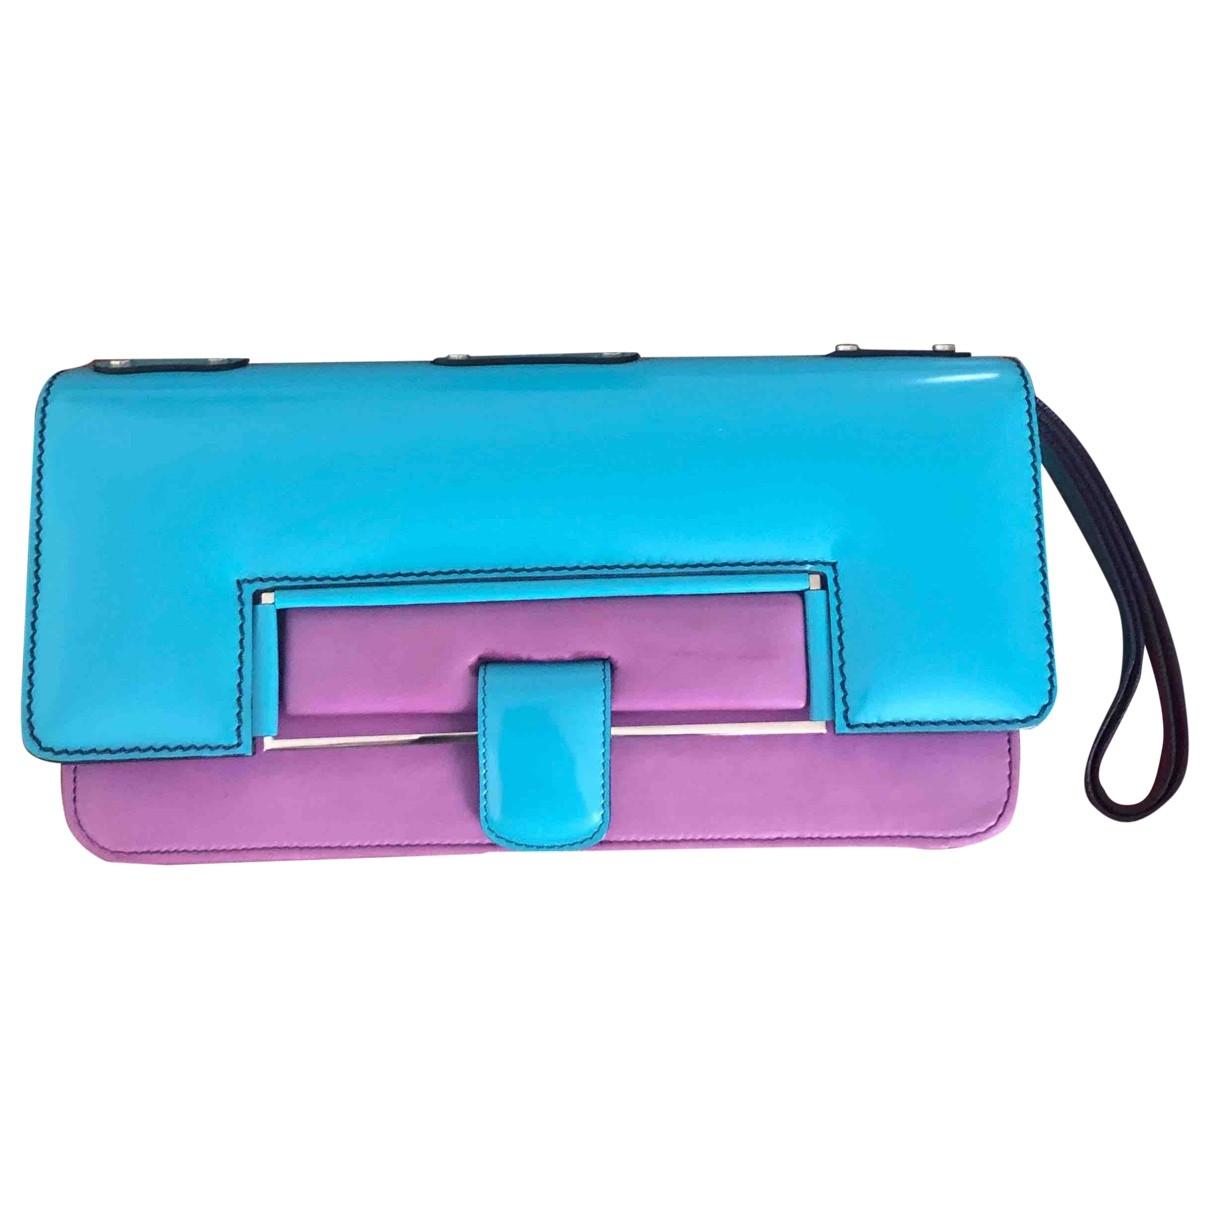 Chloé \N Blue Leather Clutch bag for Women \N